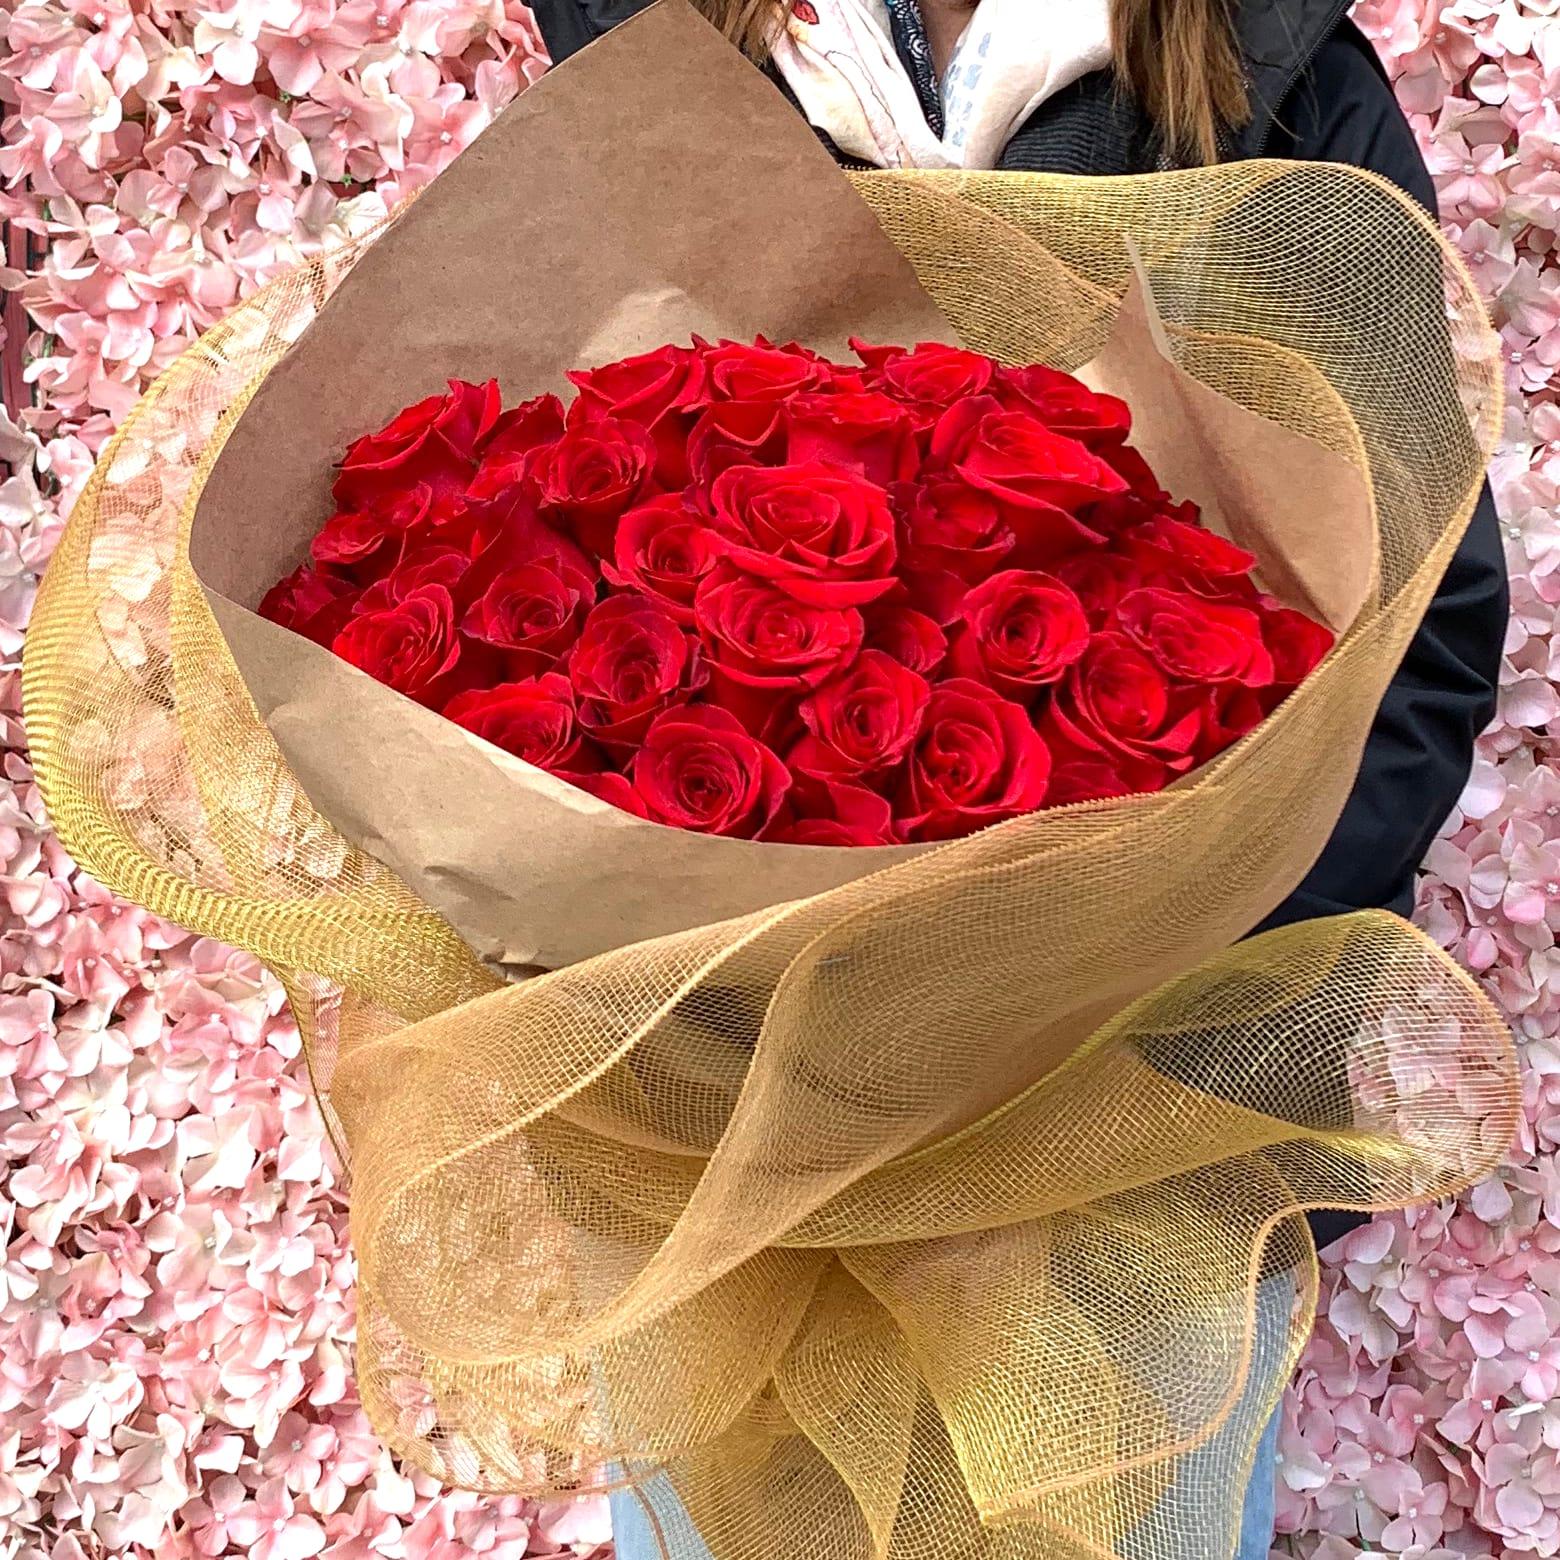 50 Ecuadorian Rose Bouquet In Los Angeles Ca Wowsome Blossom